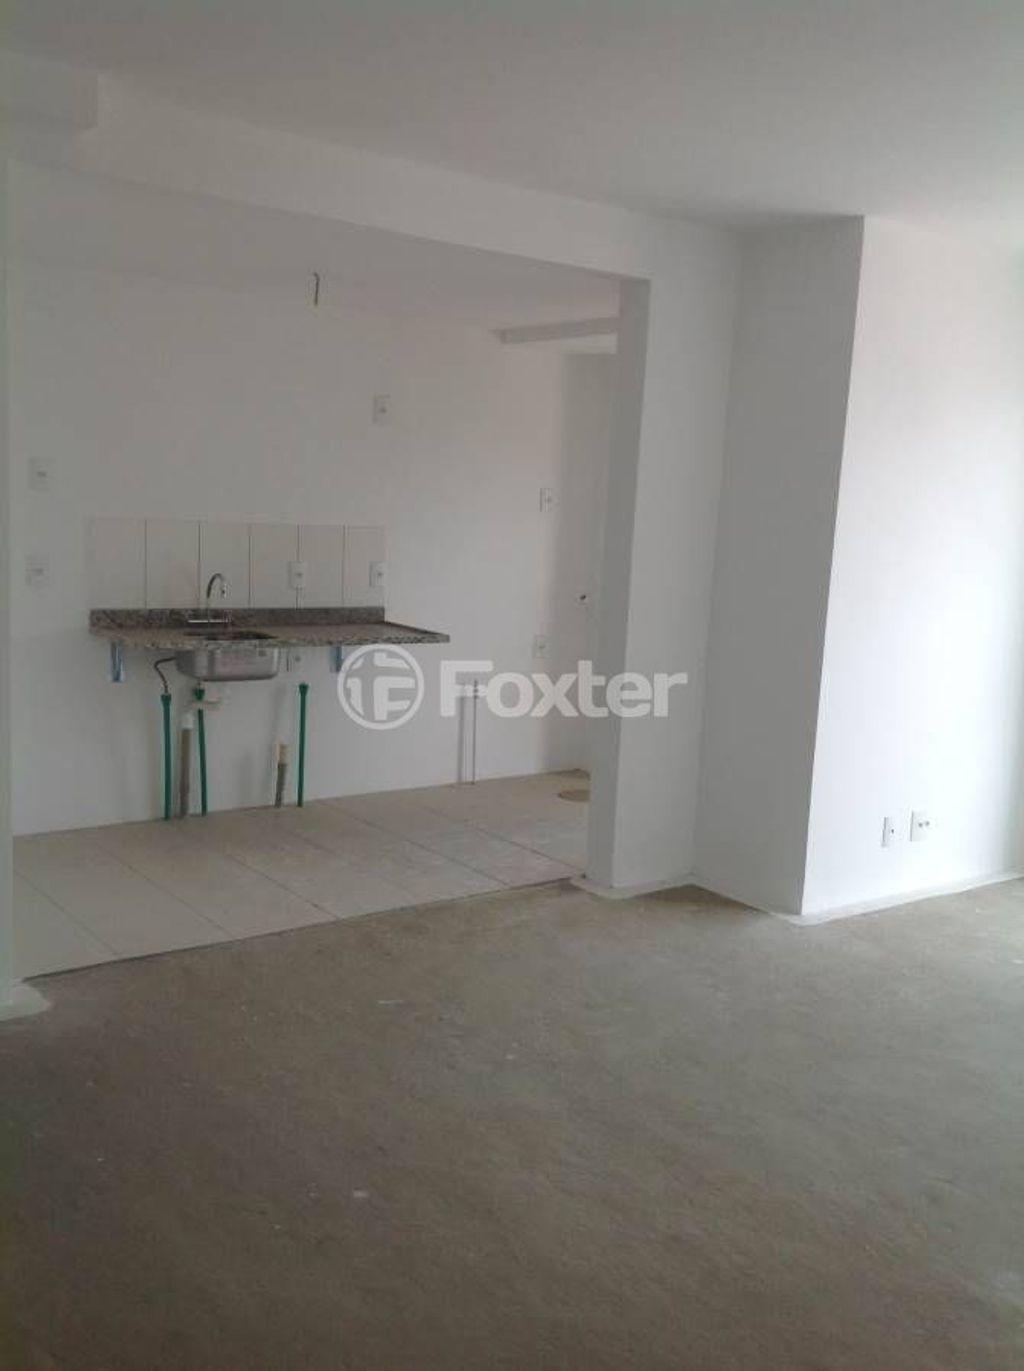 Foxter Imobiliária - Apto 3 Dorm, Vila Ipiranga - Foto 30